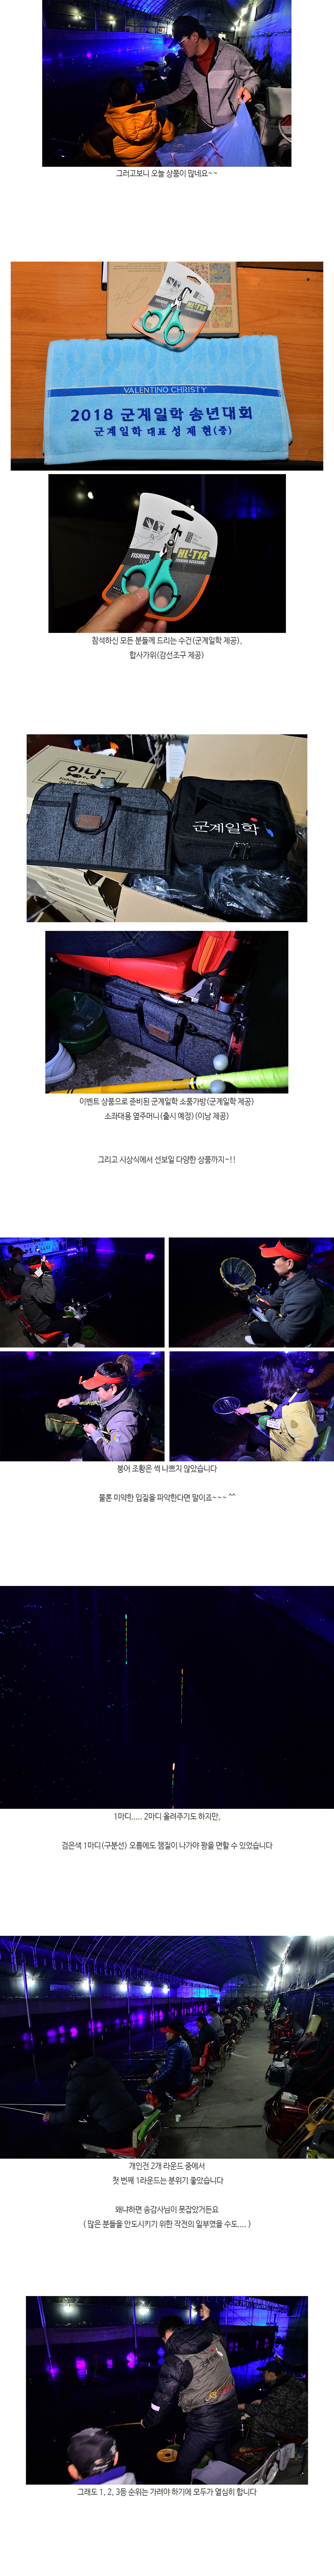 2018 군계일학 송년회(농촌지) - 04.jpg